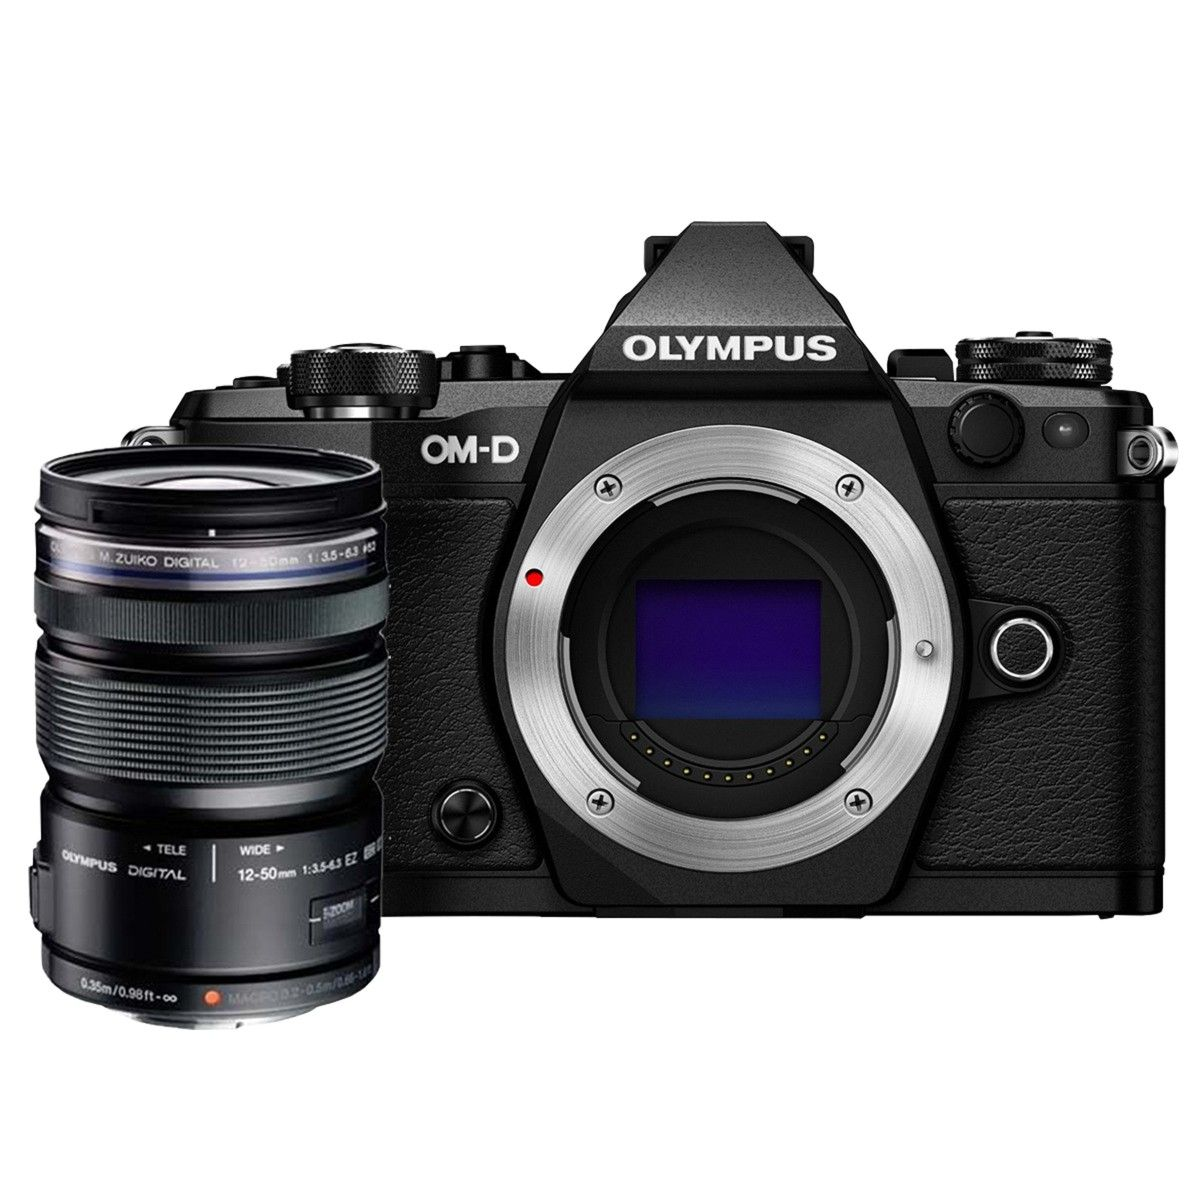 Olympus Om D E M5 Mark Ii Camera Black 12 50 Mm Lens Kit Contact 0312855877 0r 01534269722 50 Mm Lens System Camera Camera